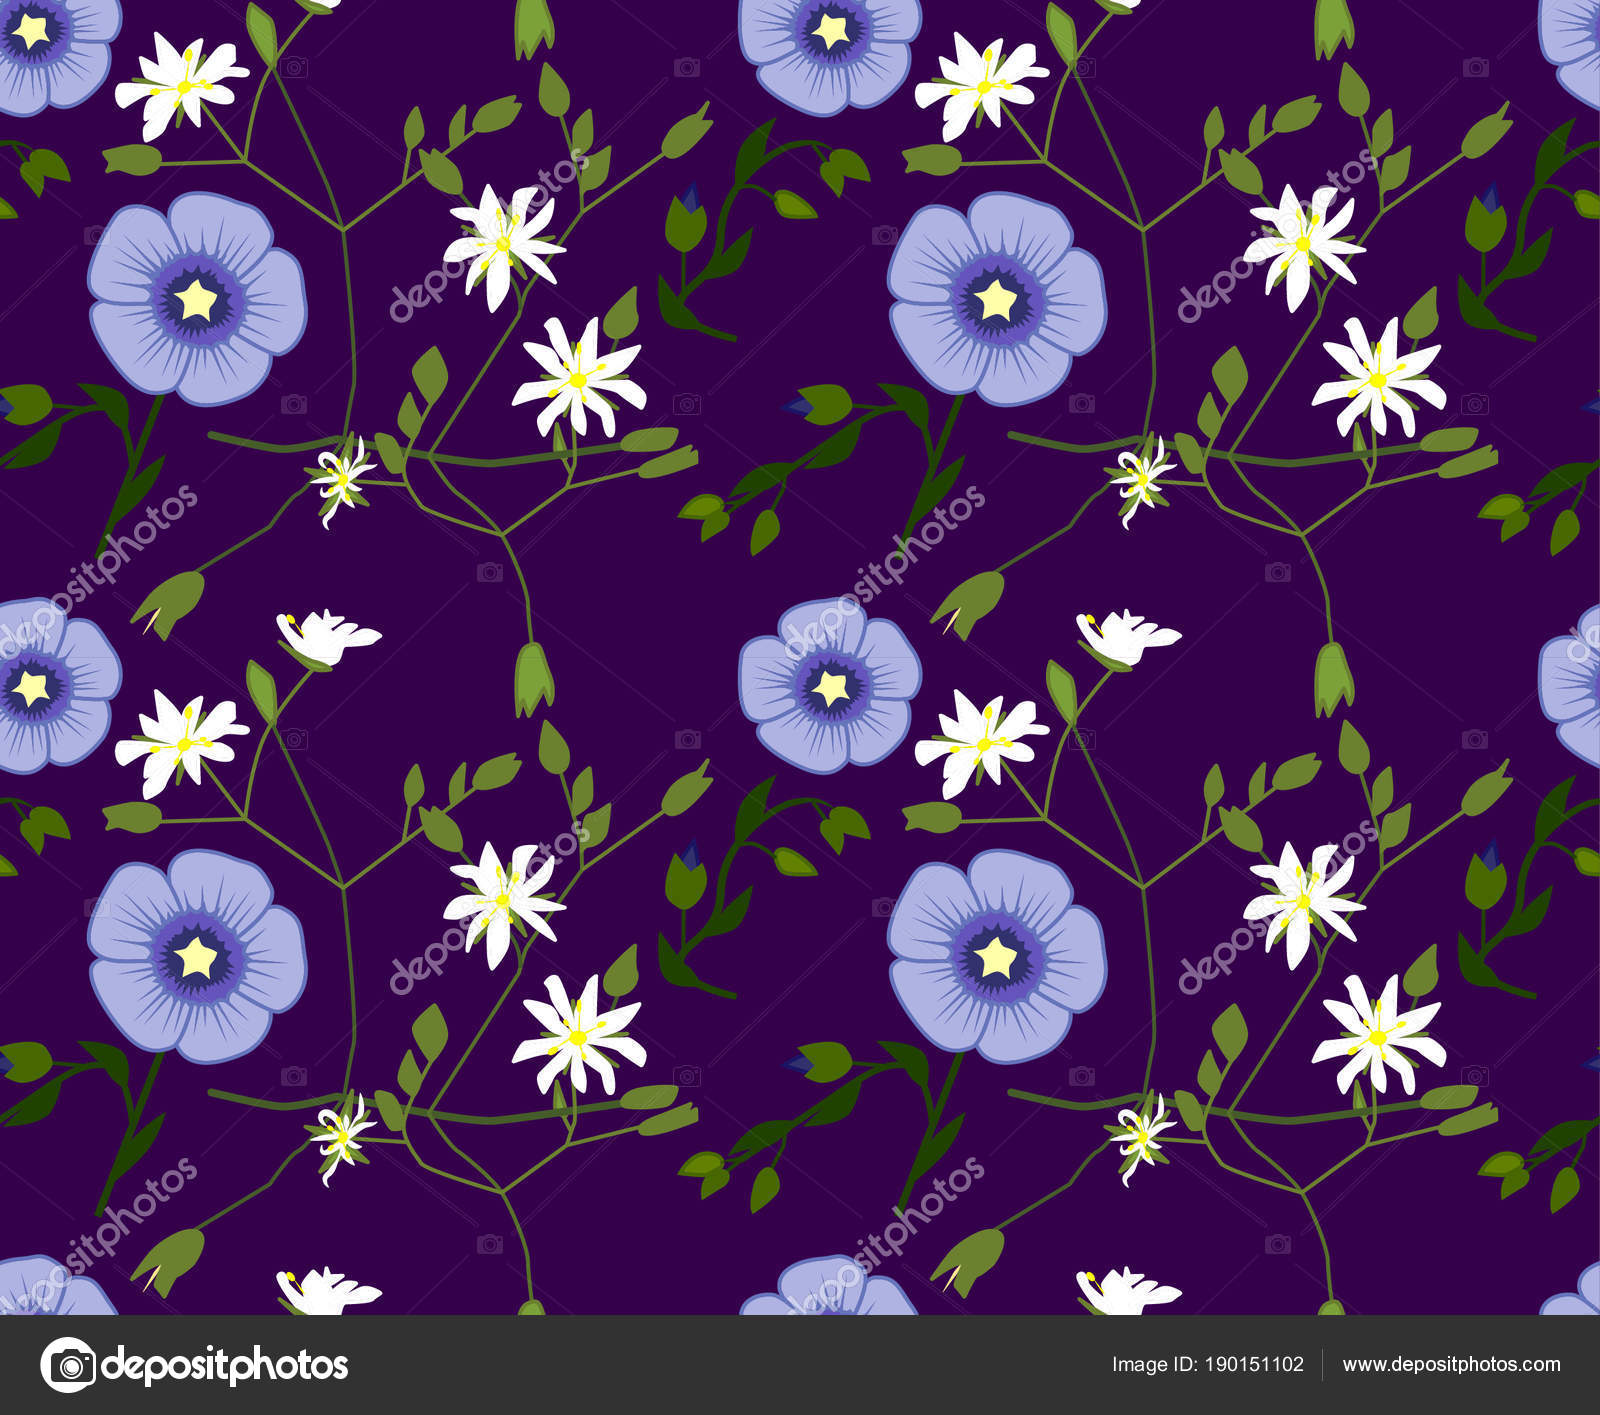 3ecc0aaa23a3 Vektor Blumenmuster Mit Blauen Und Weißen Blüten — Stockvektor ...